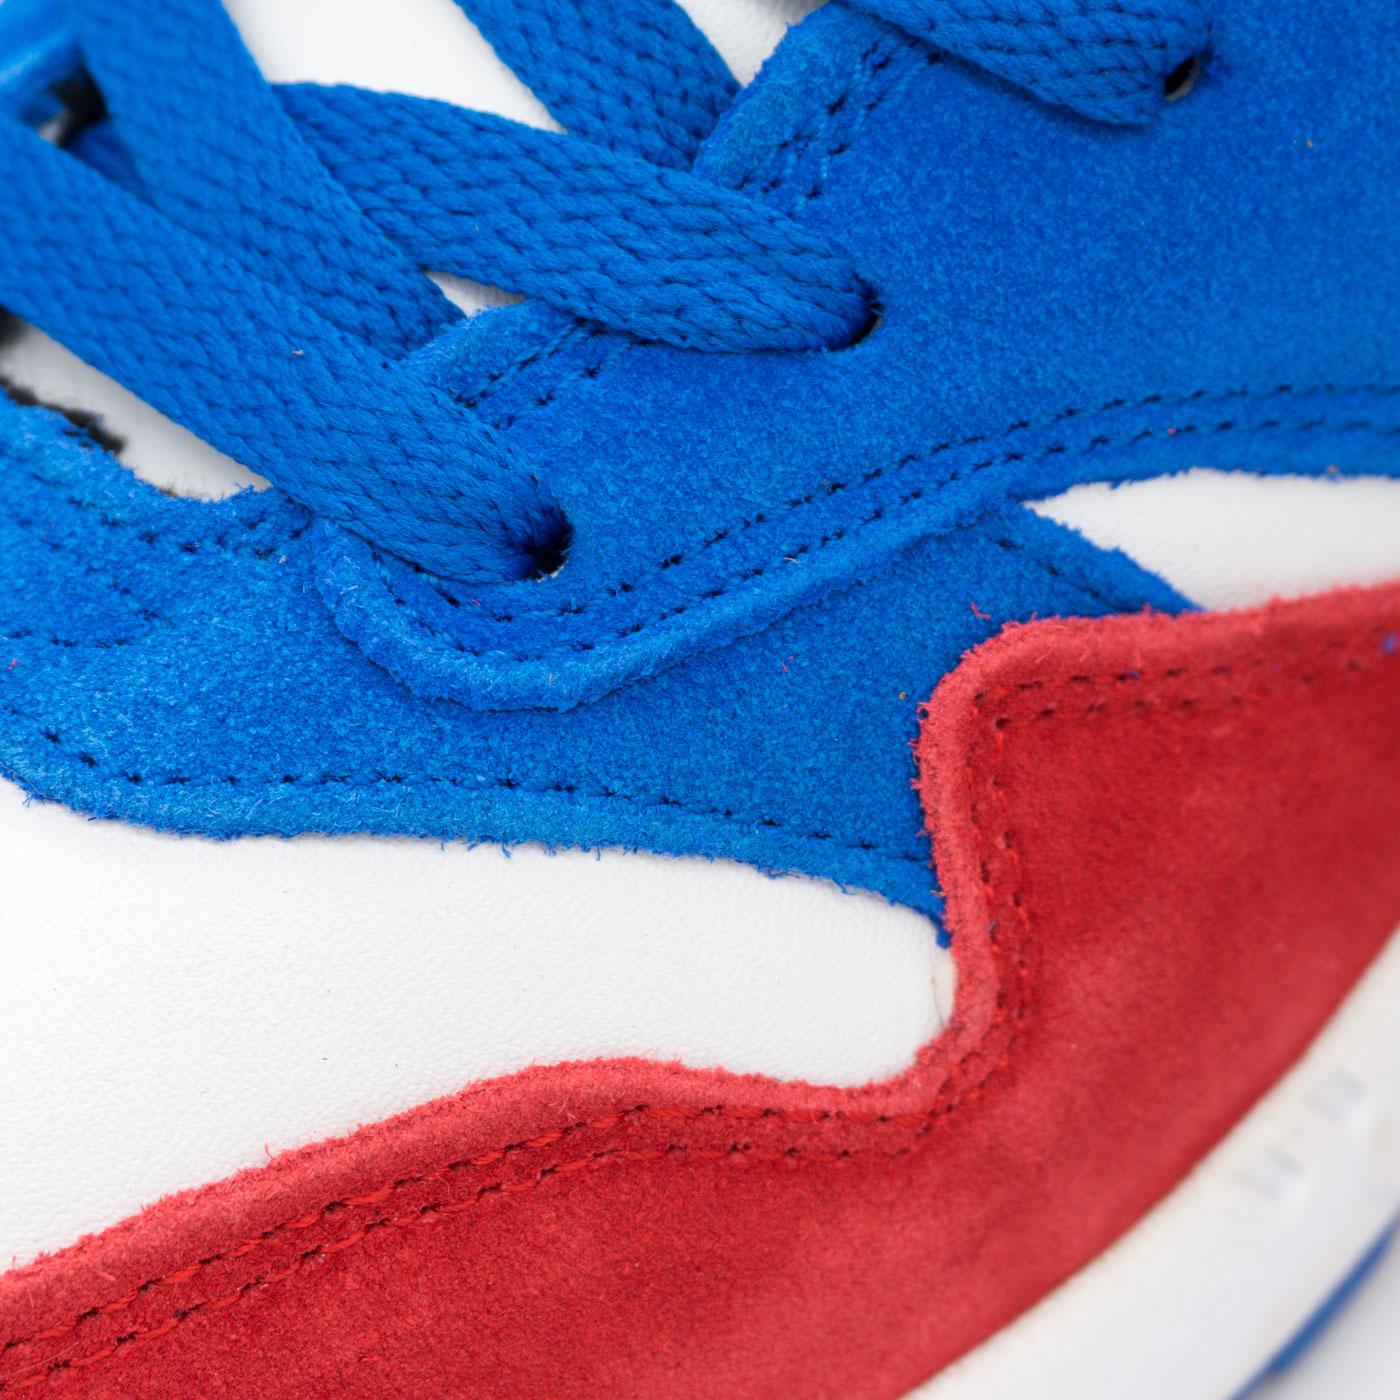 фото bottom Зимние кроссовки Nike air max 87 бело с мехом бело-сине-красные bottom